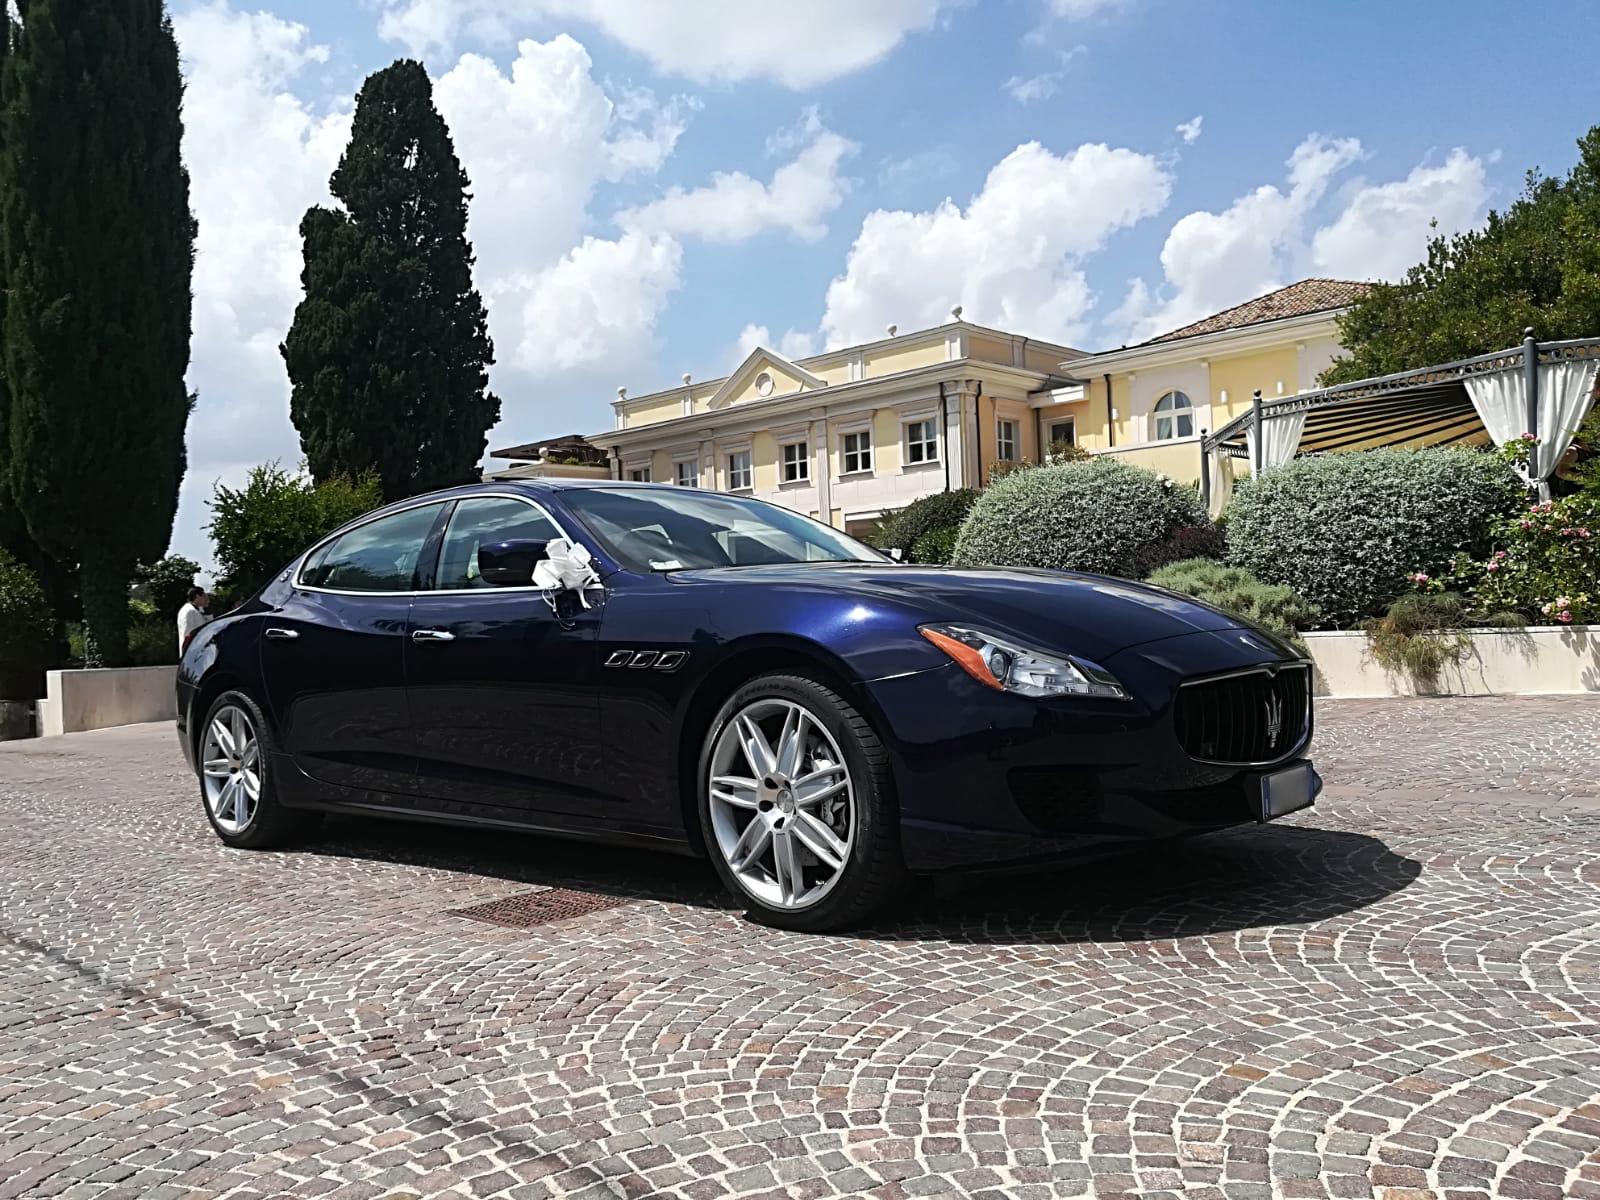 auto sposi Napoli - Wedding Maserati - auto di lusso per cerimonie